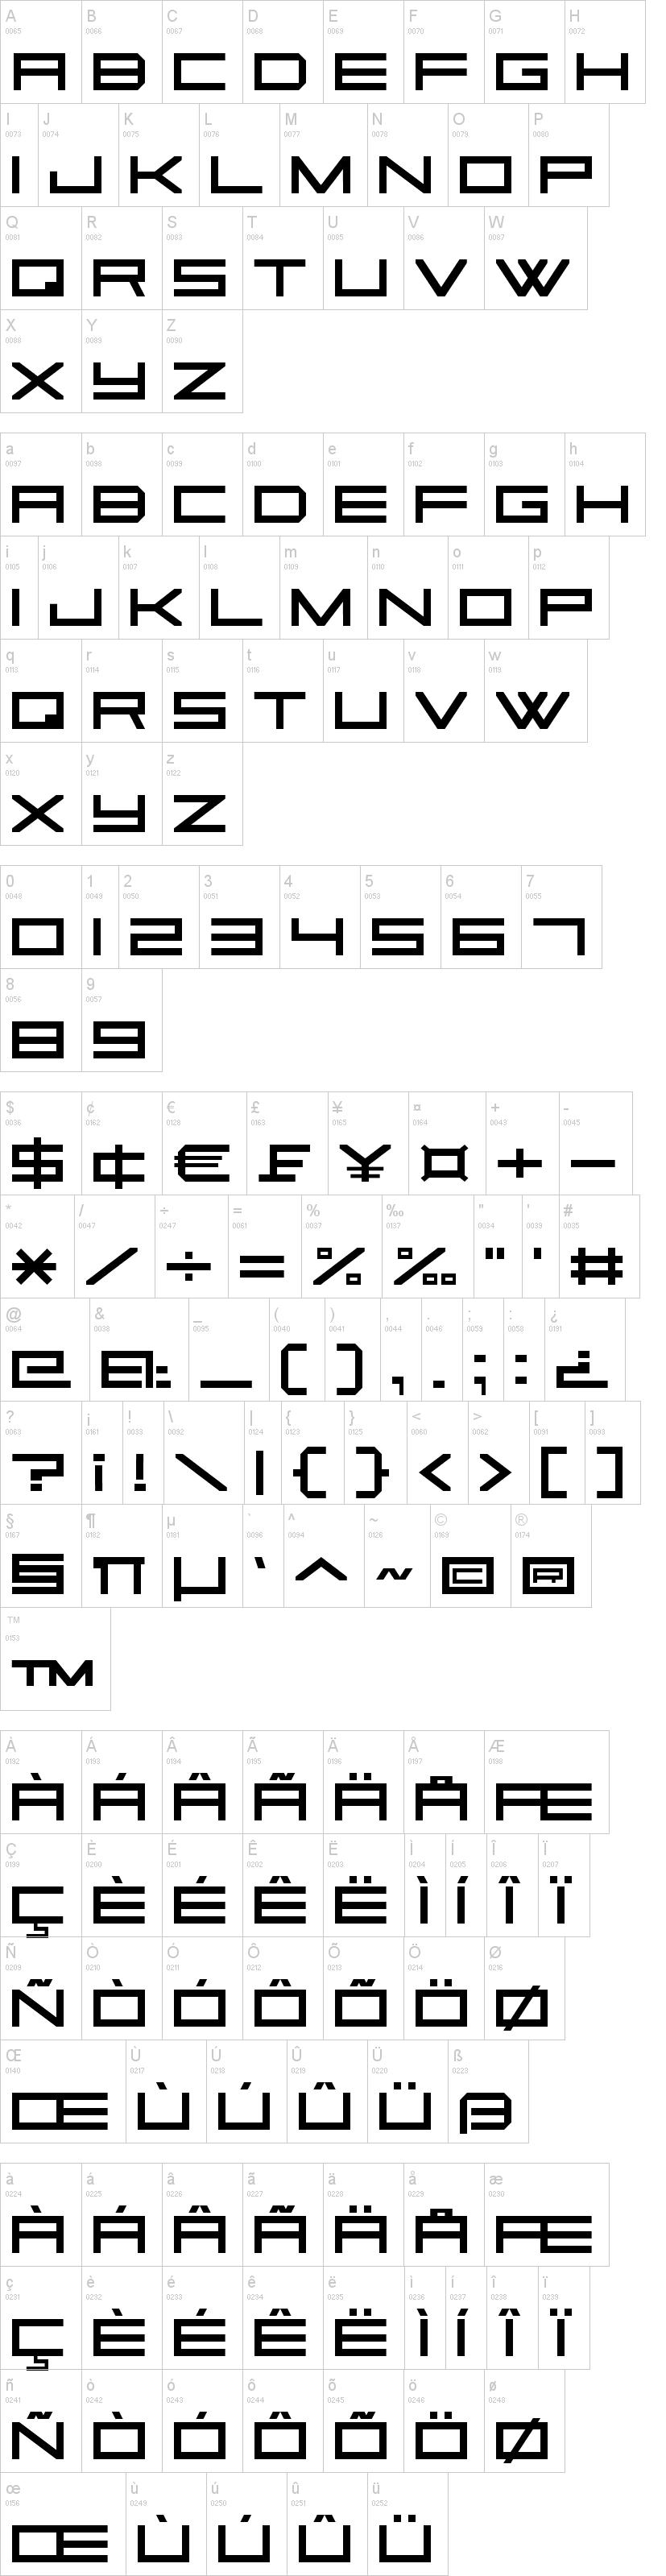 Square sans serif dafont